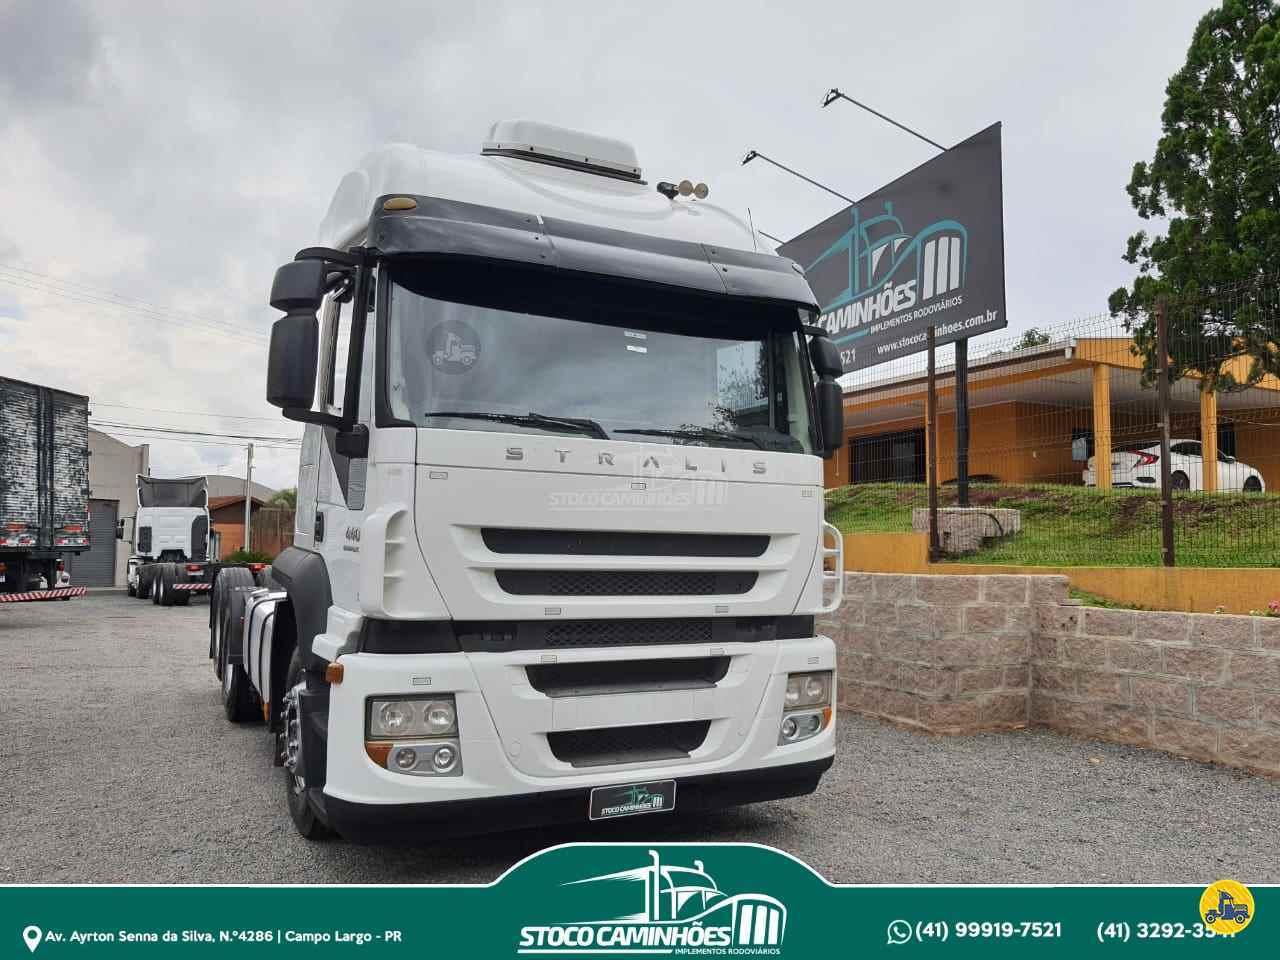 CAMINHAO IVECO STRALIS 440 Cavalo Mecânico Truck 6x2 Stoco Caminhões  CAMPO LARGO PARANÁ PR